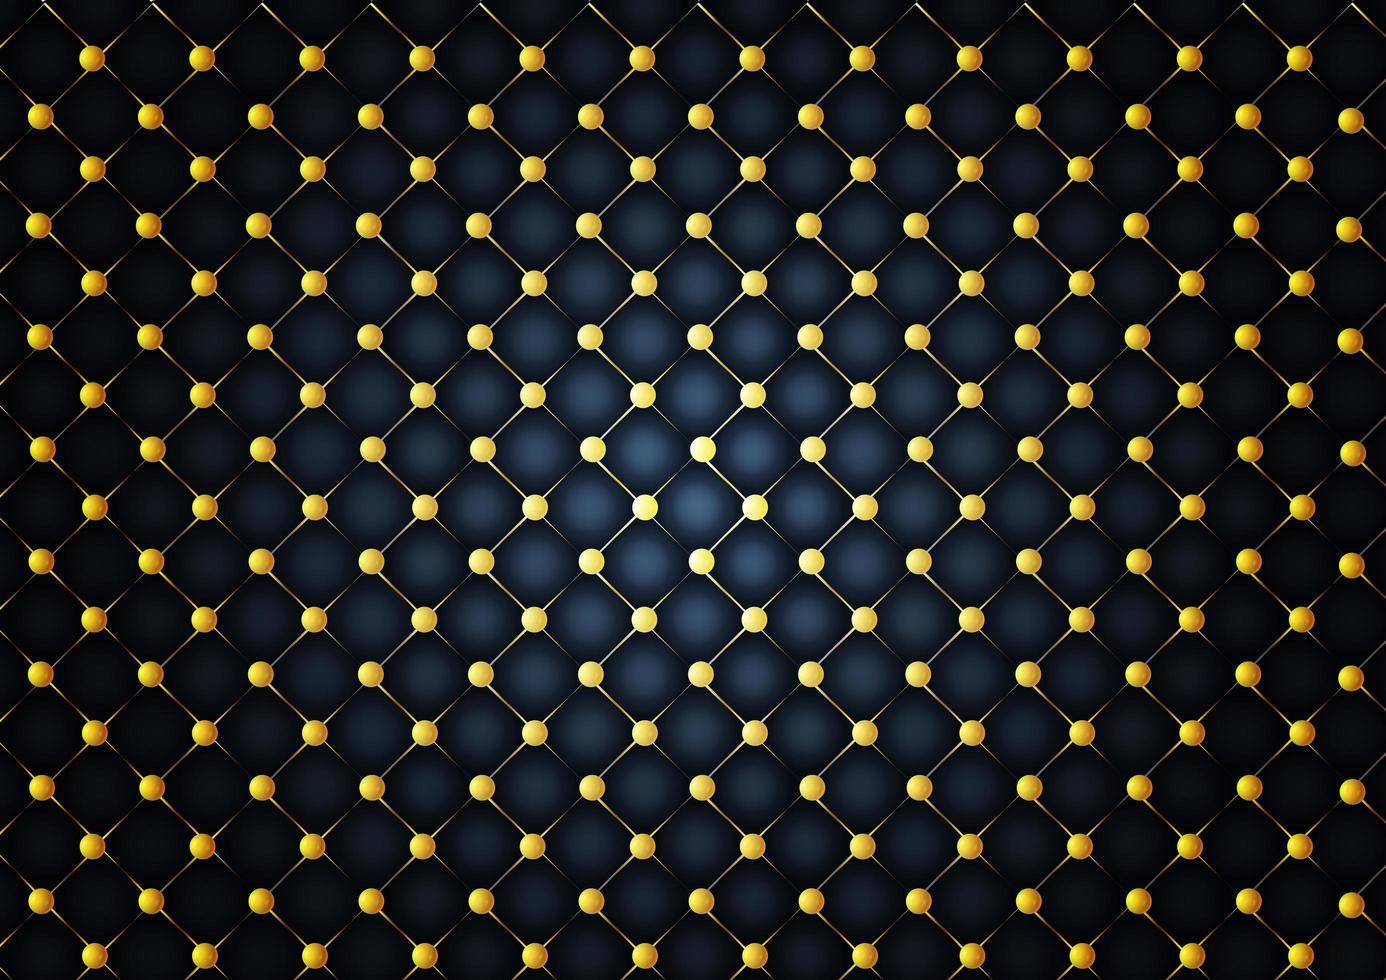 patrón de bolas de oro sobre fondo oscuro vector